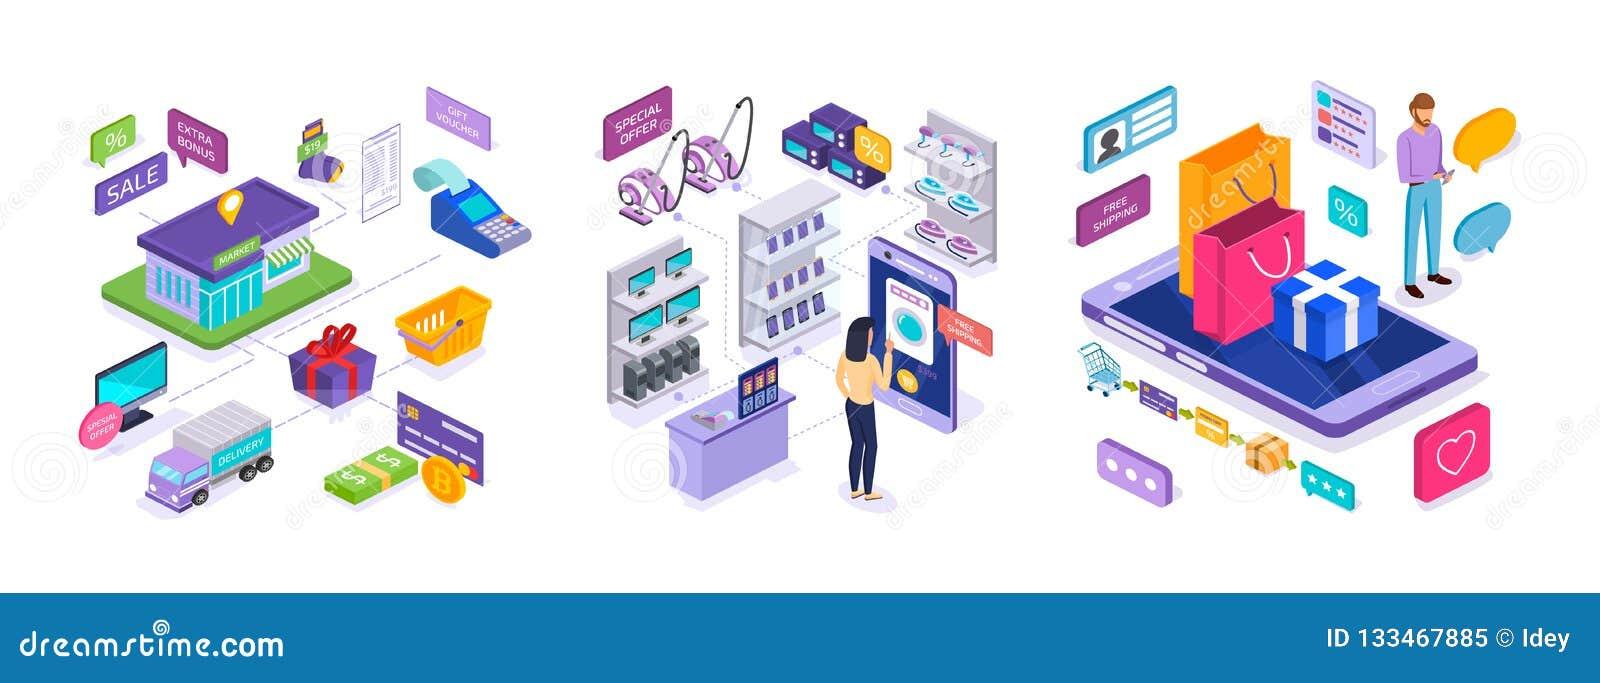 Ηλεκτρονικό εμπόριο Πωλήσεις στην αγορά, ψωνίζοντας on-line, ψηφιακό μάρκετινγκ, κινητή εφαρμογή